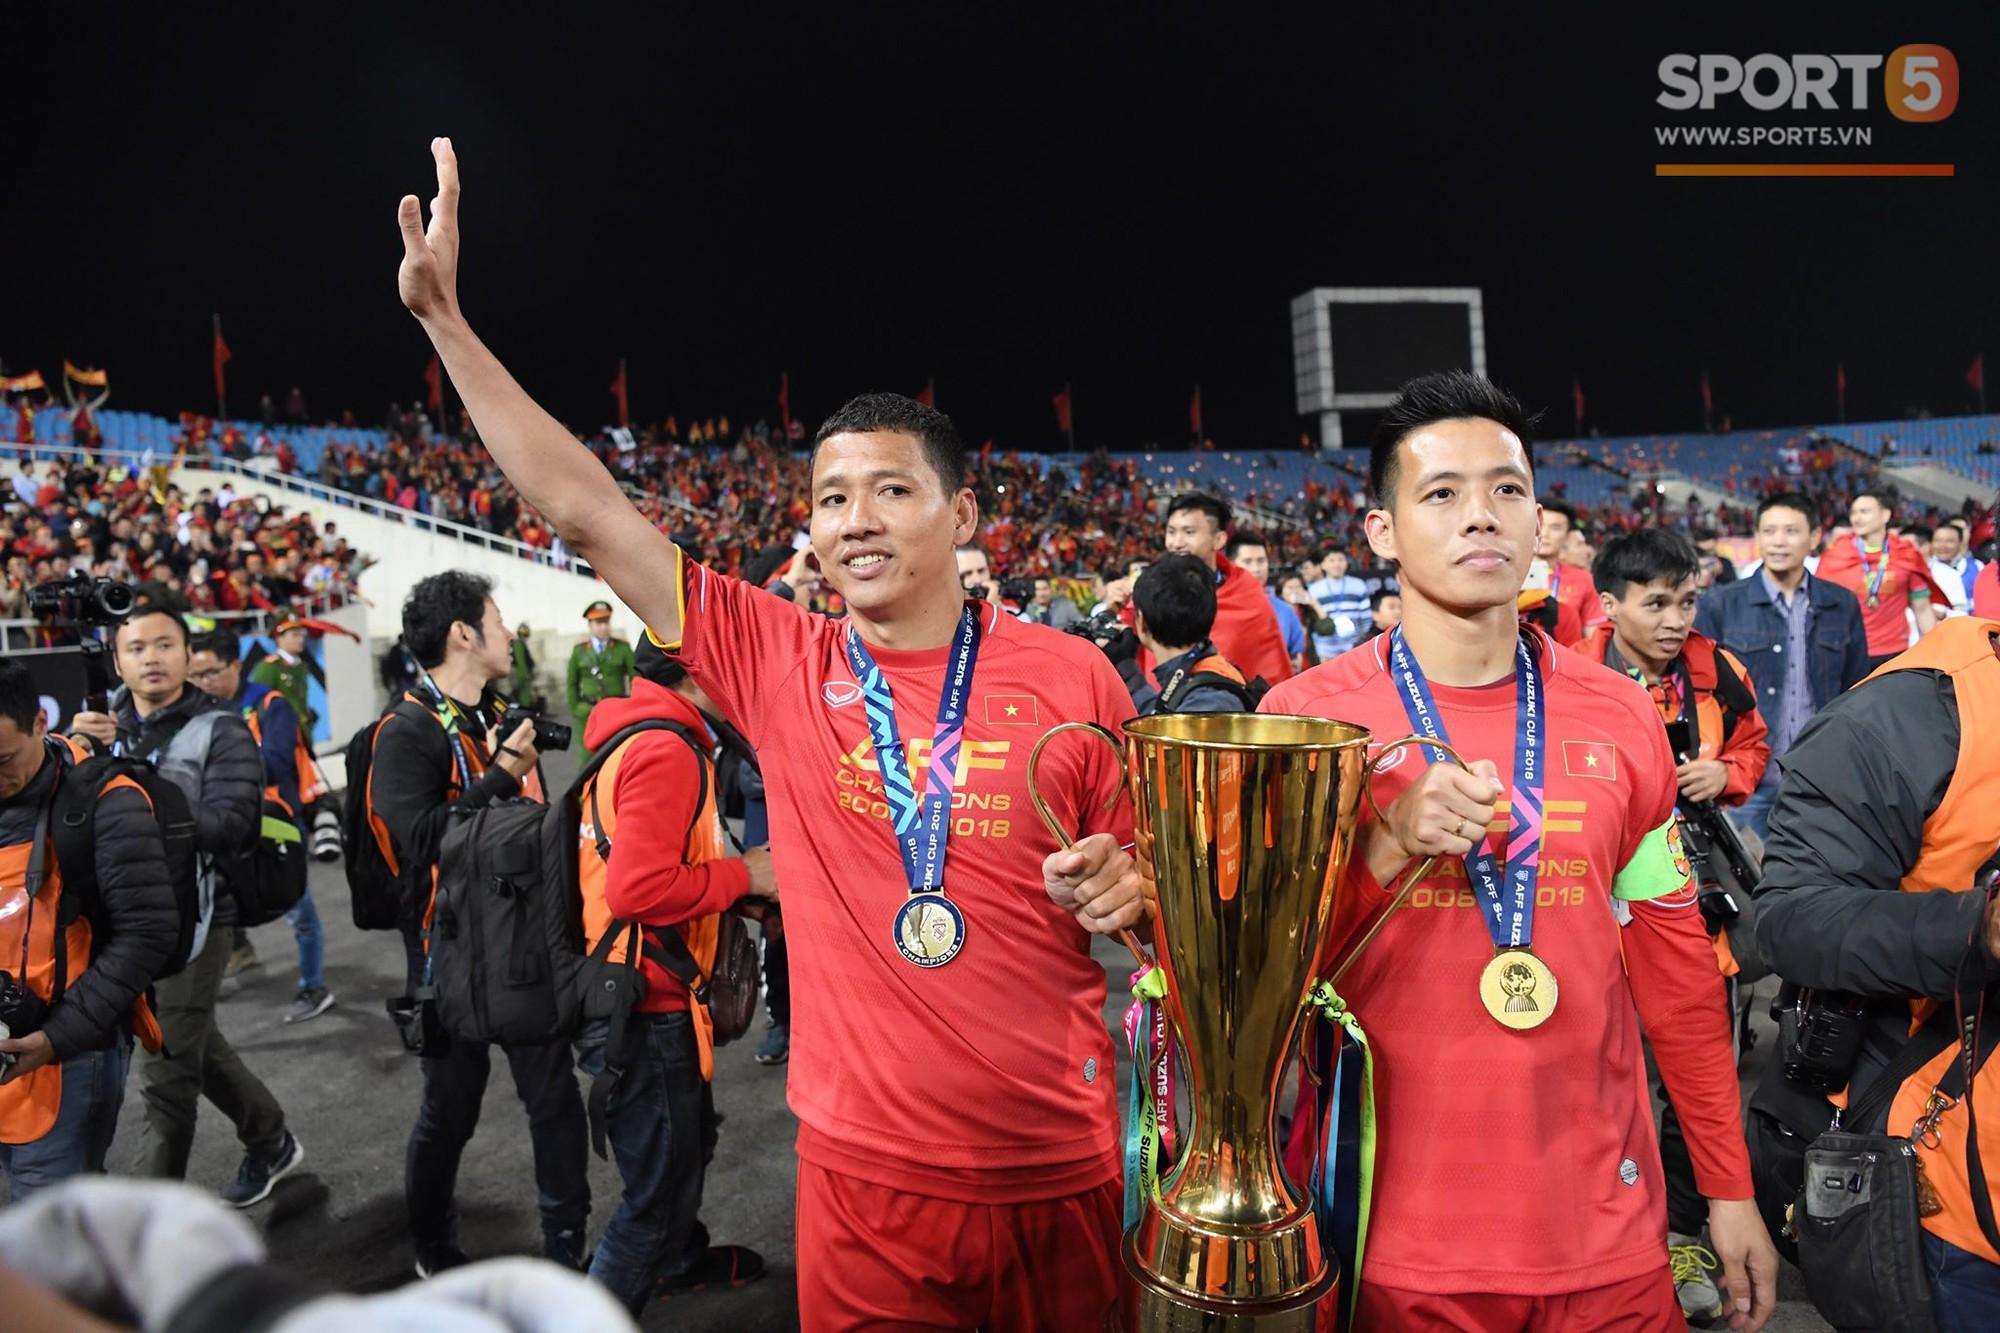 5 điểm nhấn sau chức vô địch AFF Cup của ĐT Việt Nam - Ảnh 4.